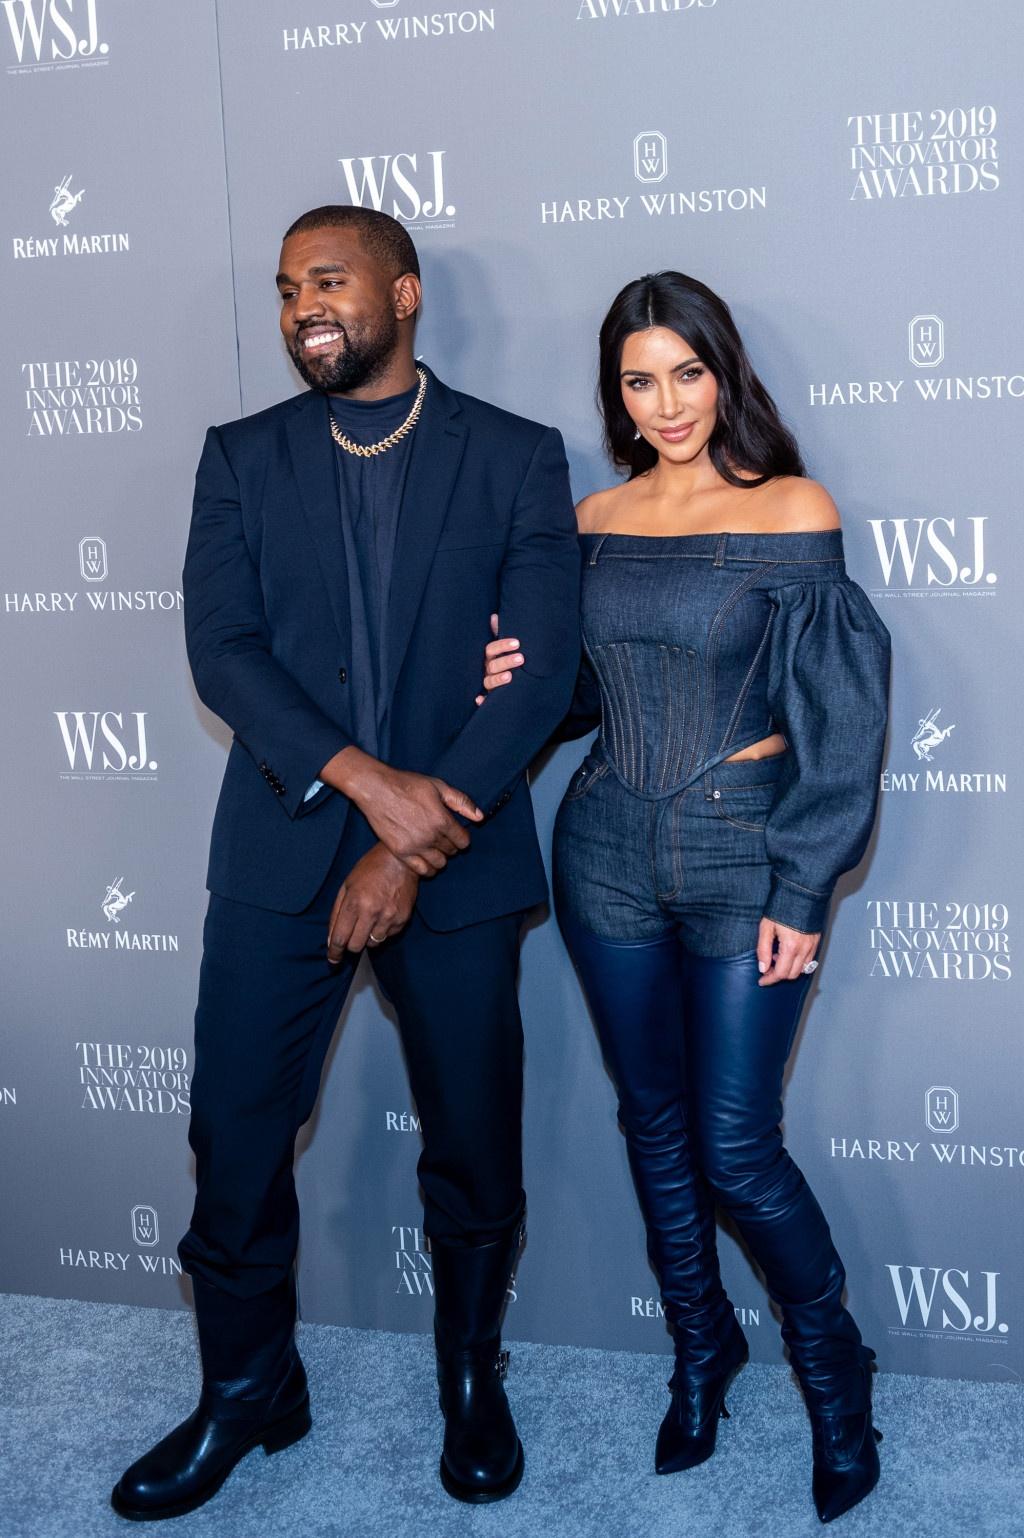 Selena Gomez va gioi tre the gioi mac do xanh hot nhat 2020 the nao? hinh anh 3